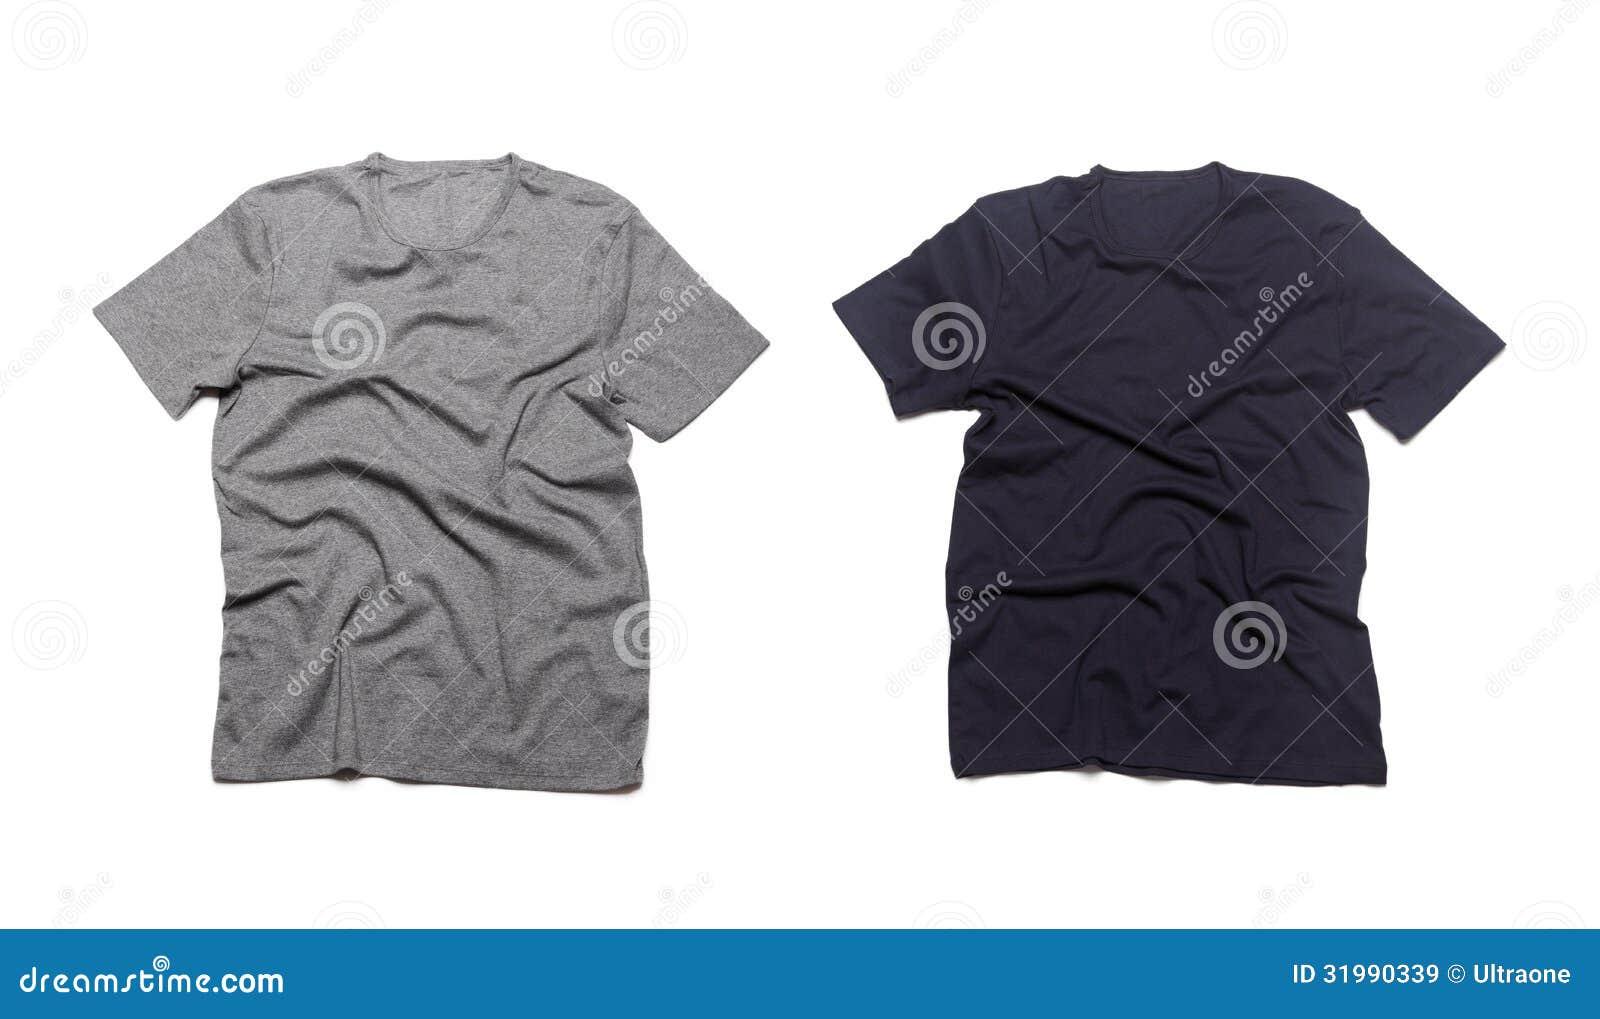 Niedlich Graue T Shirt Vorlage Zeitgenössisch - Entry Level Resume ...